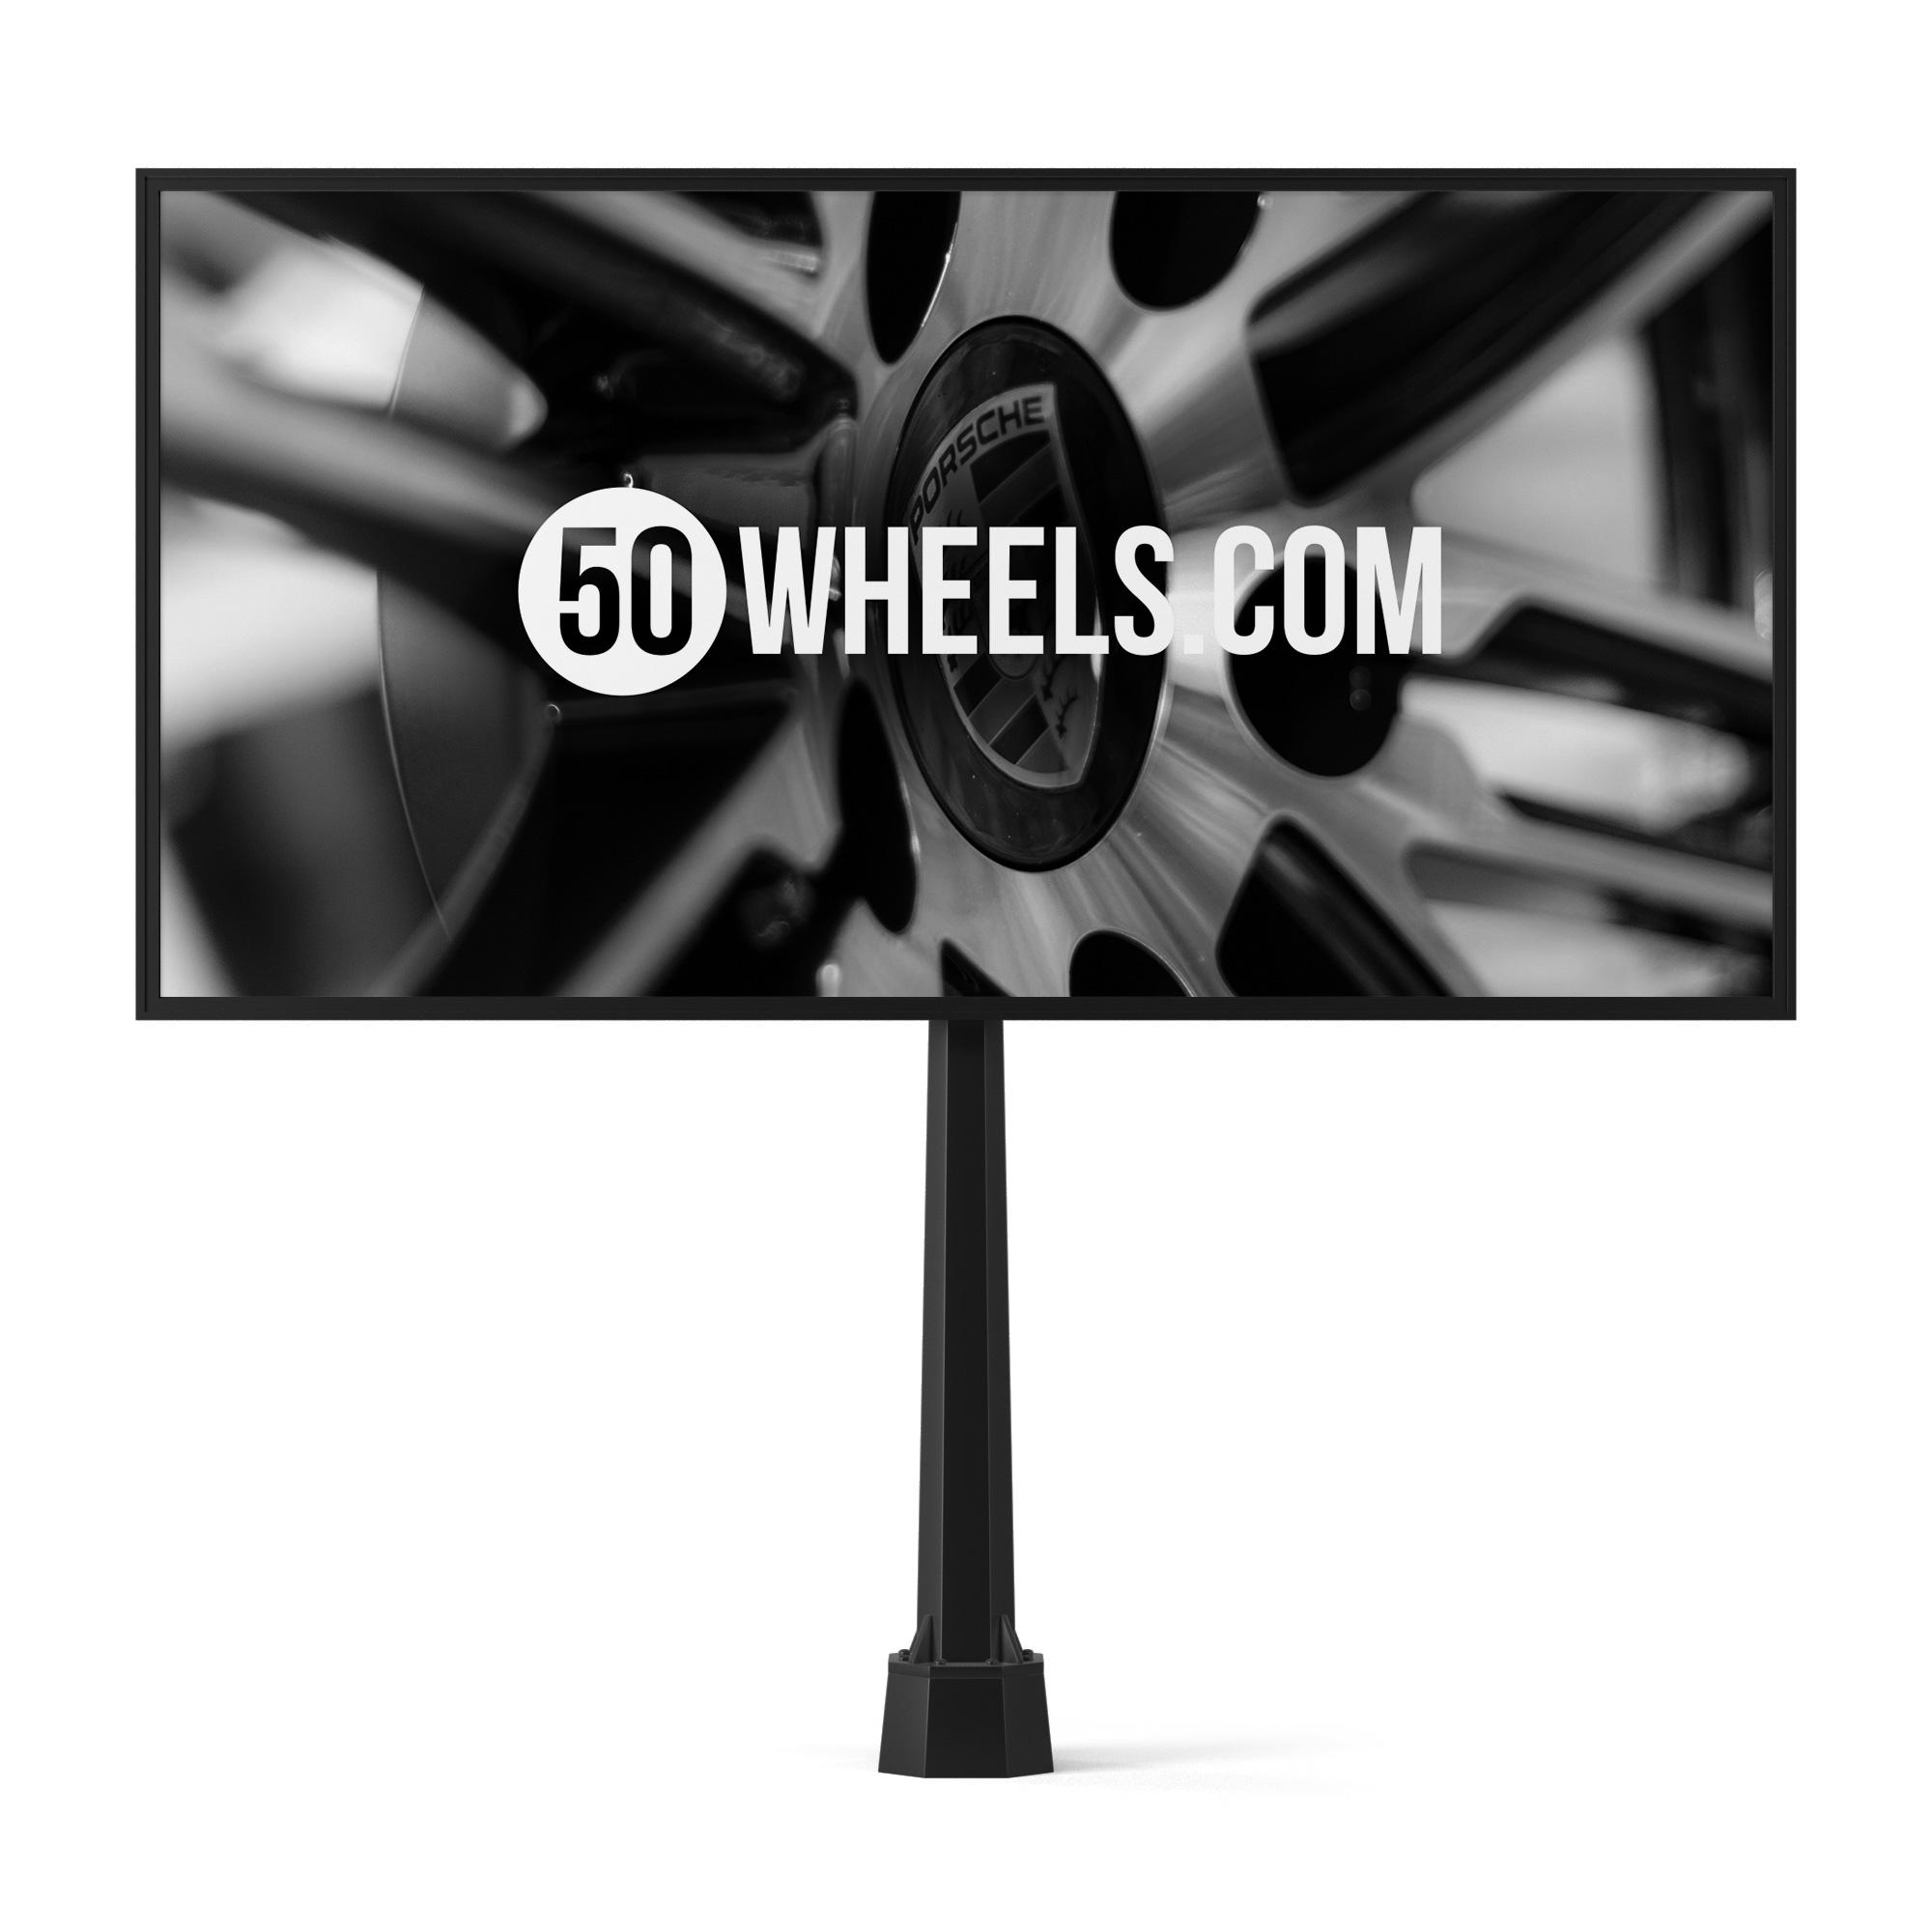 """Билборд для магазина автомобильных дисков и шин """"50wheels.com"""""""